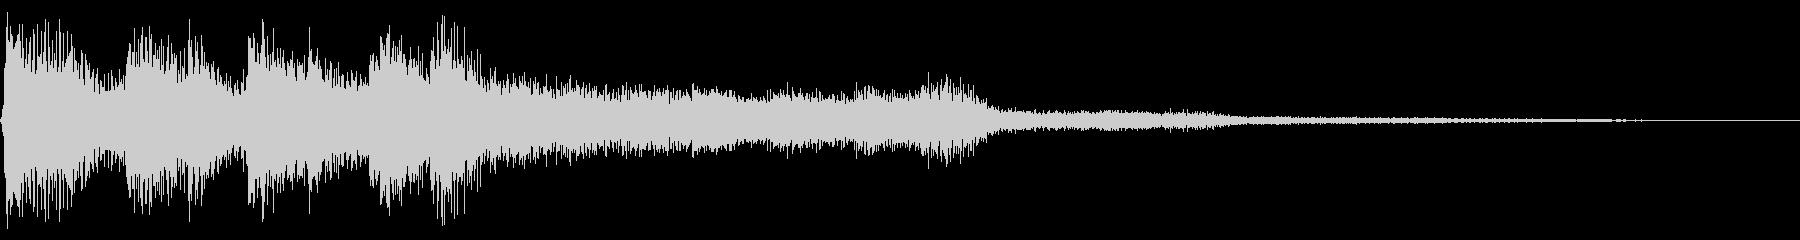 レトロなゲームオーバー音 ミス音 残念の未再生の波形